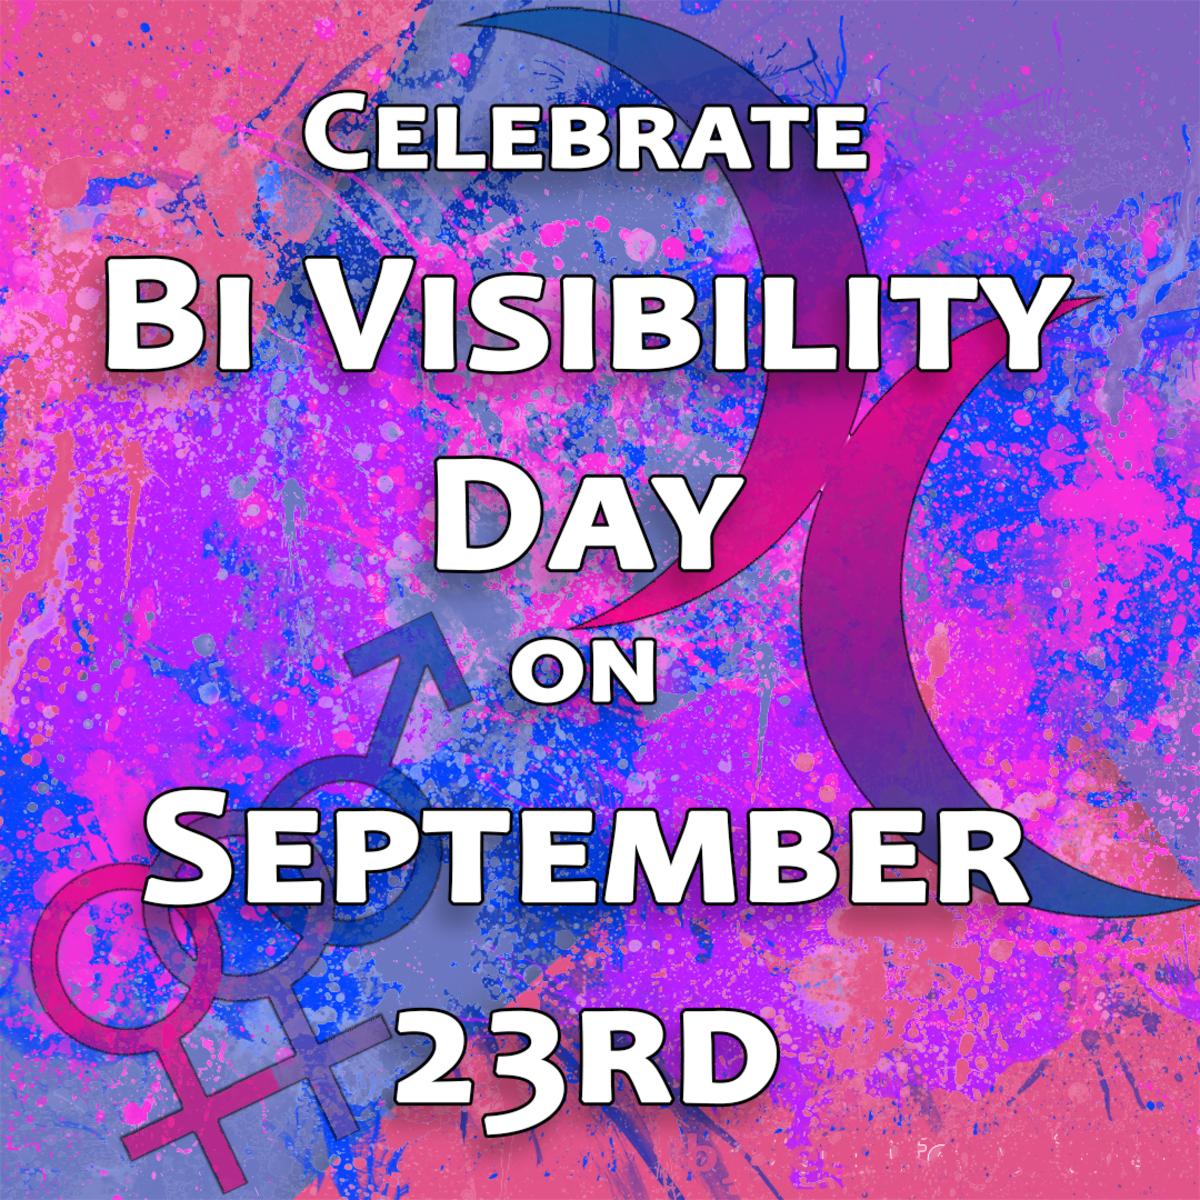 Celebrate Bi Visibility Day on September 23rd